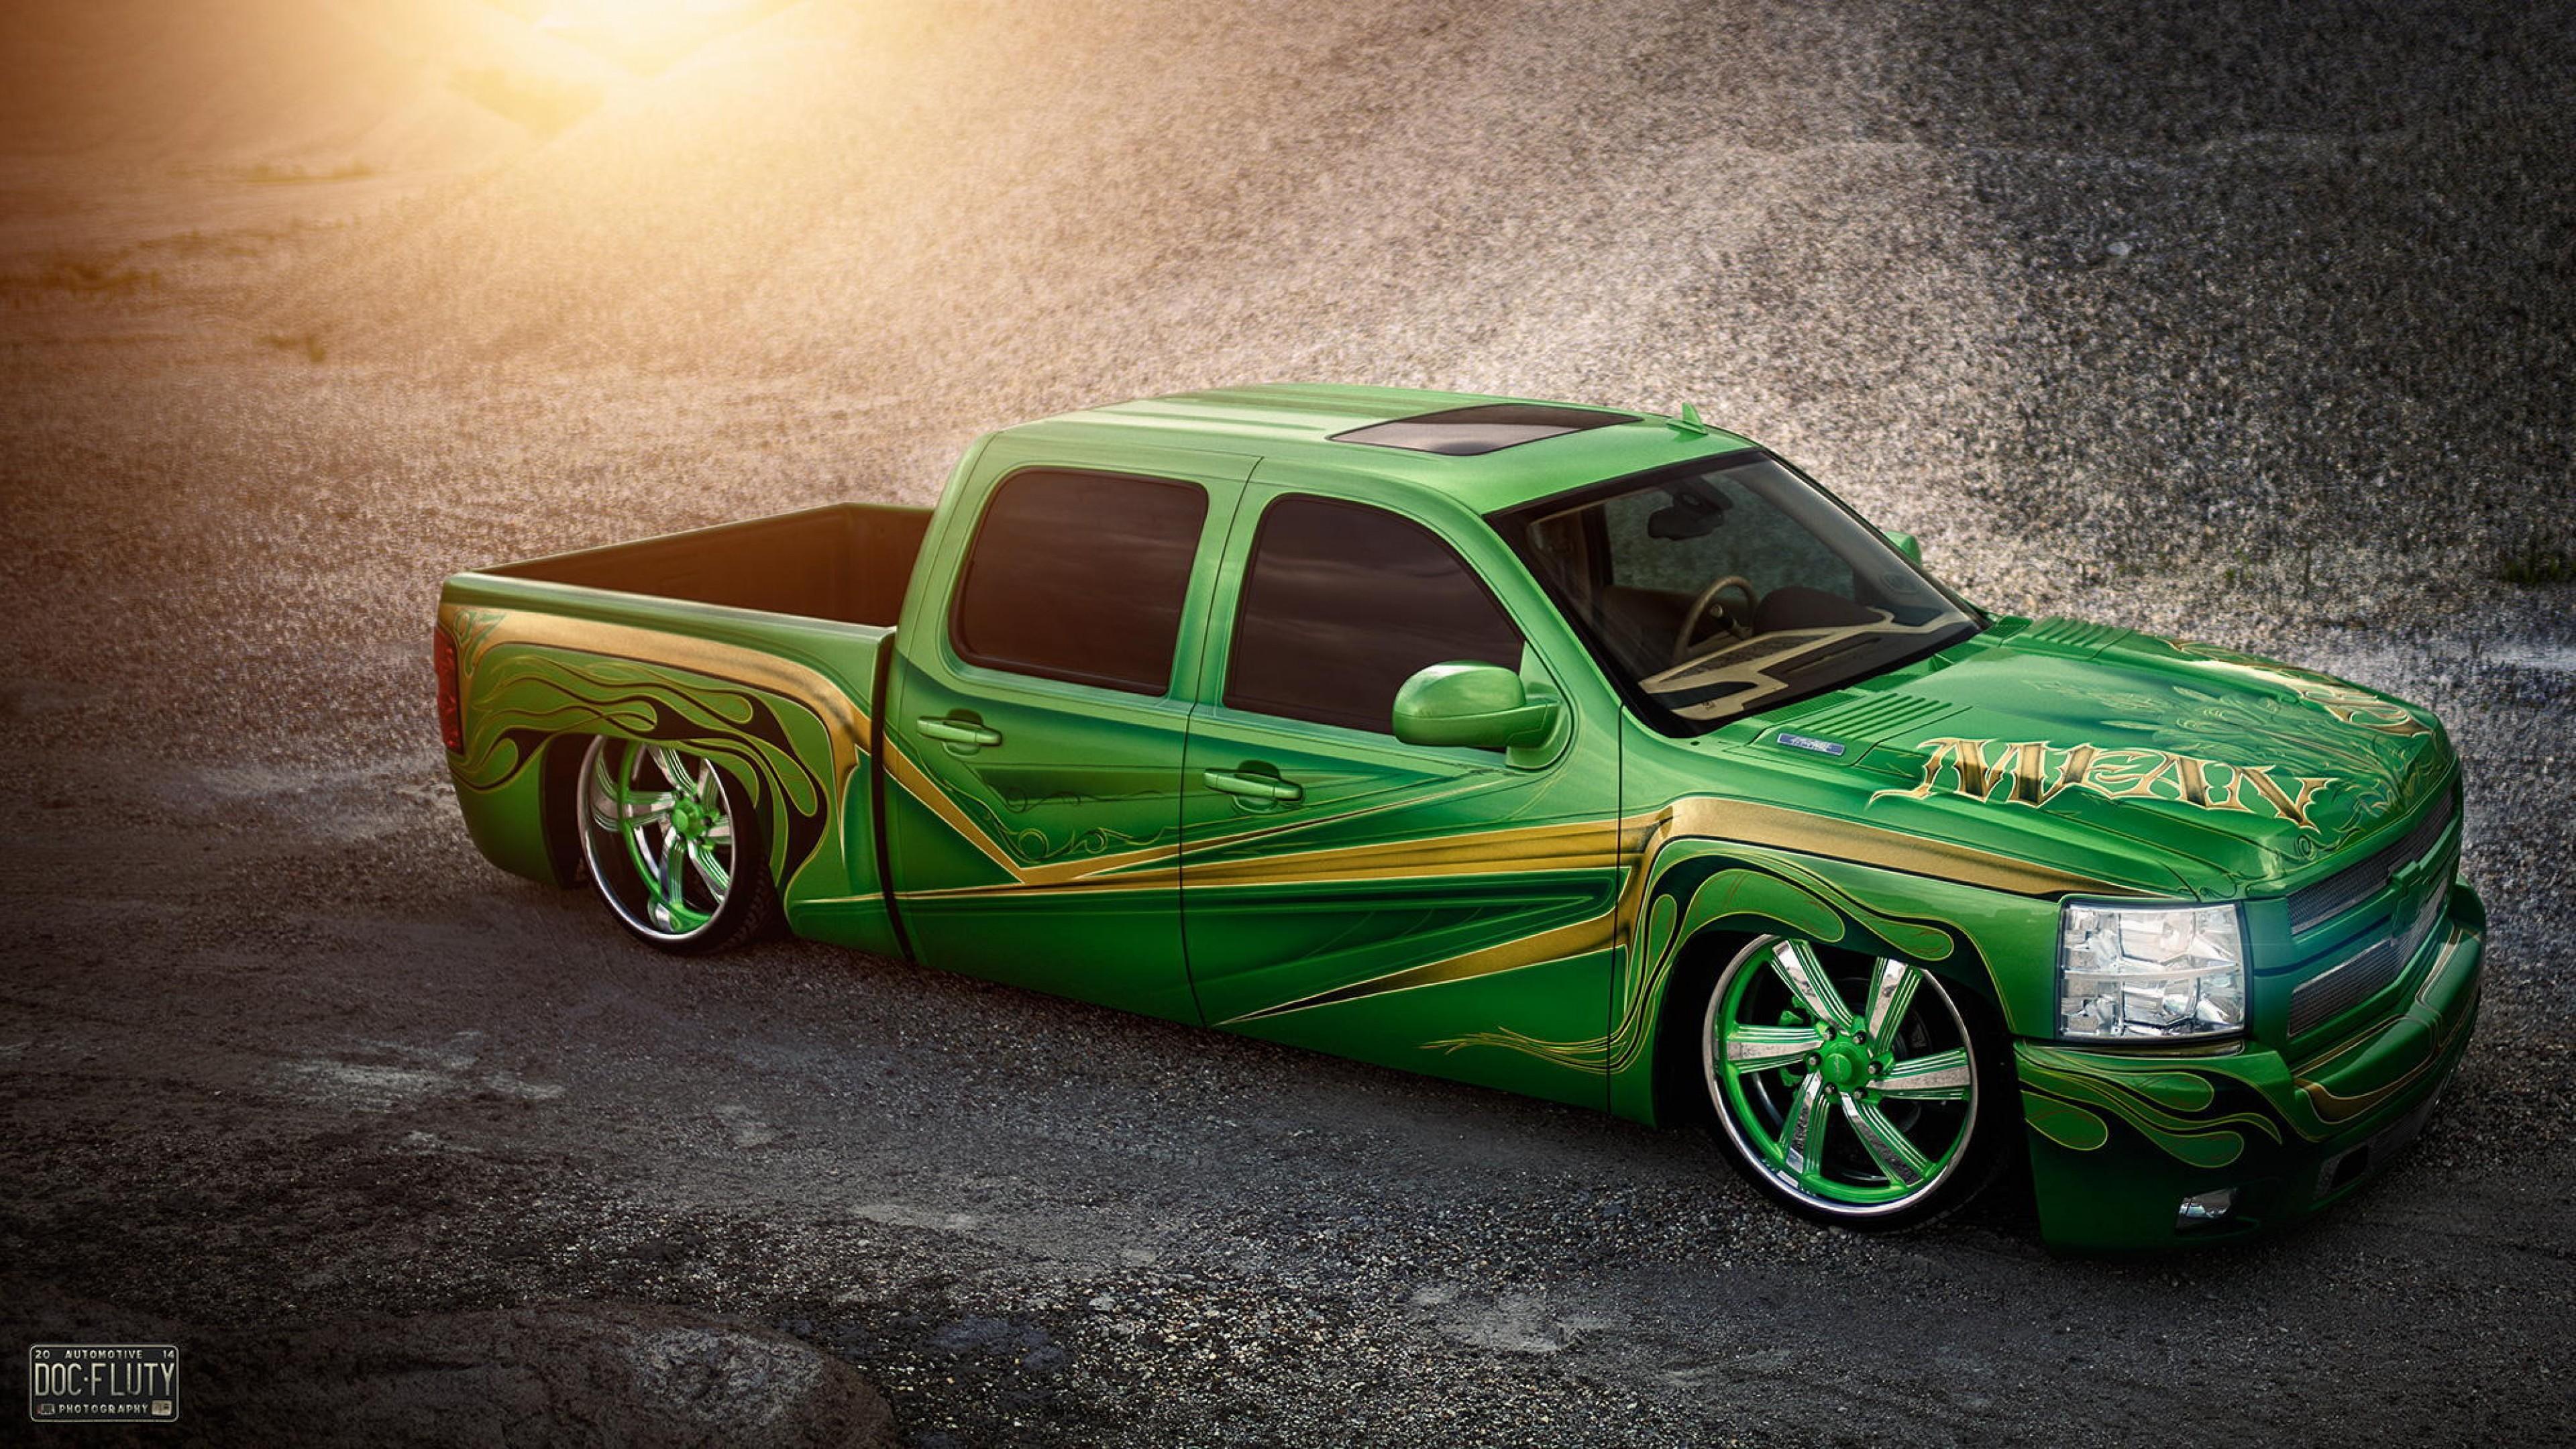 Res: 3840x2160, Chevrolet Silverado Lowrider